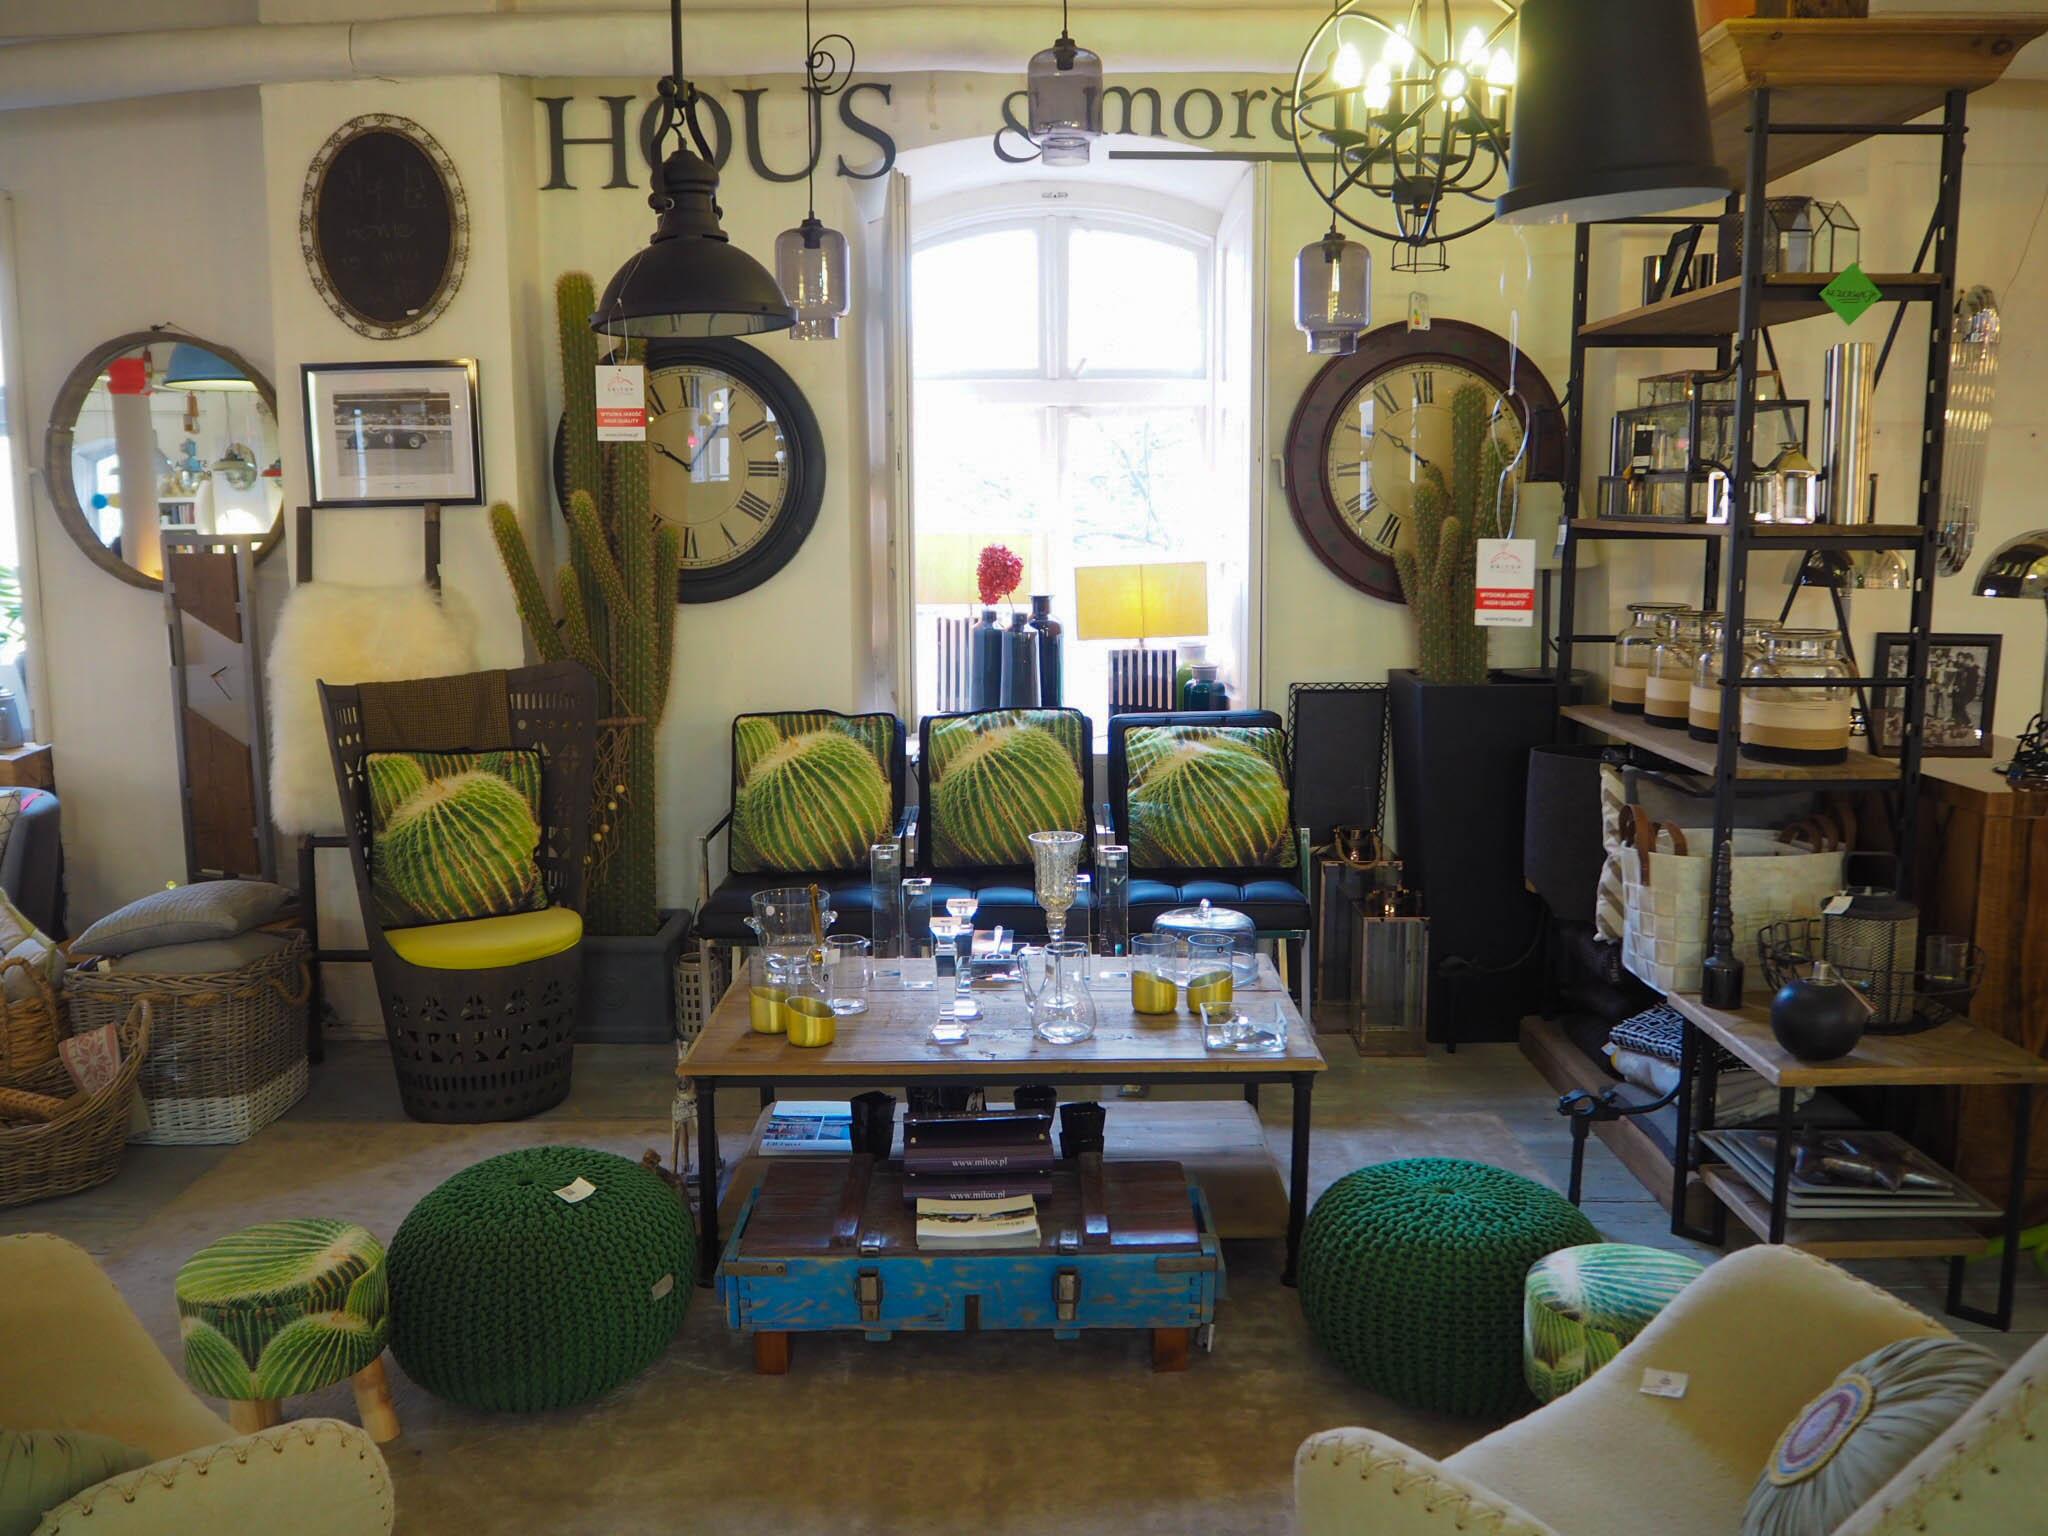 Cactus cushions at Forum Designu in Krakow, Poland.